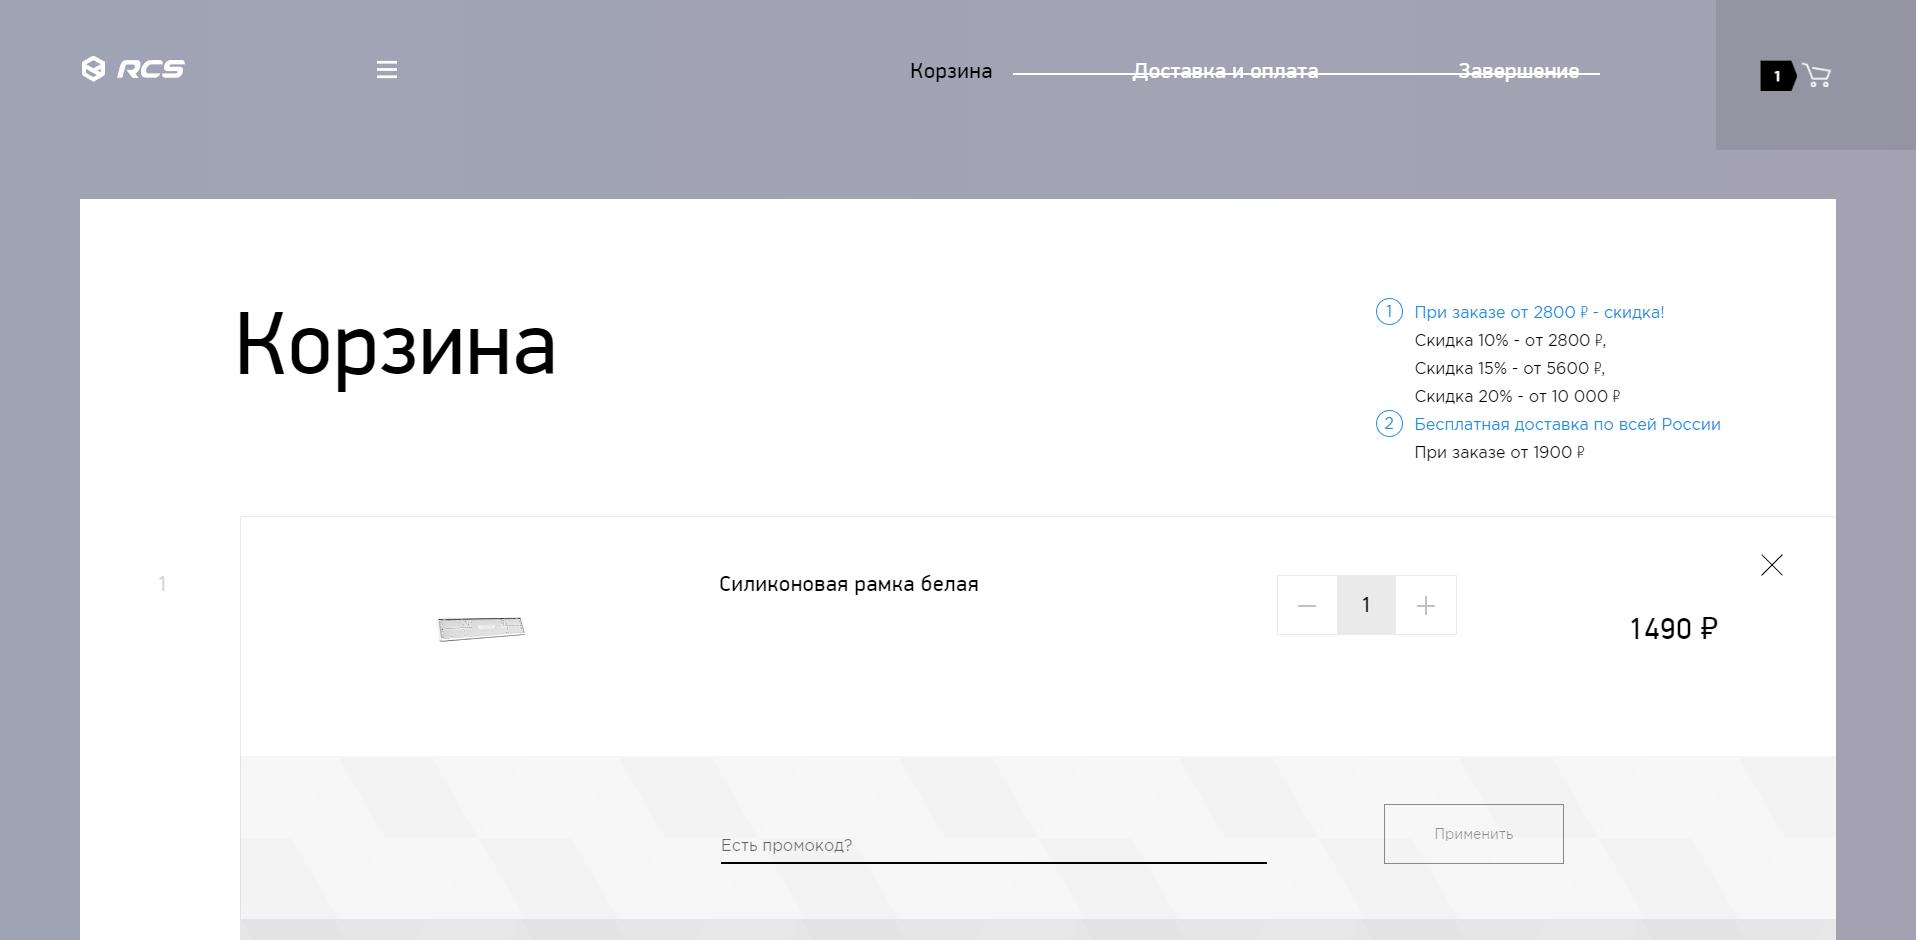 Как делать лучшие сайты в России - 4